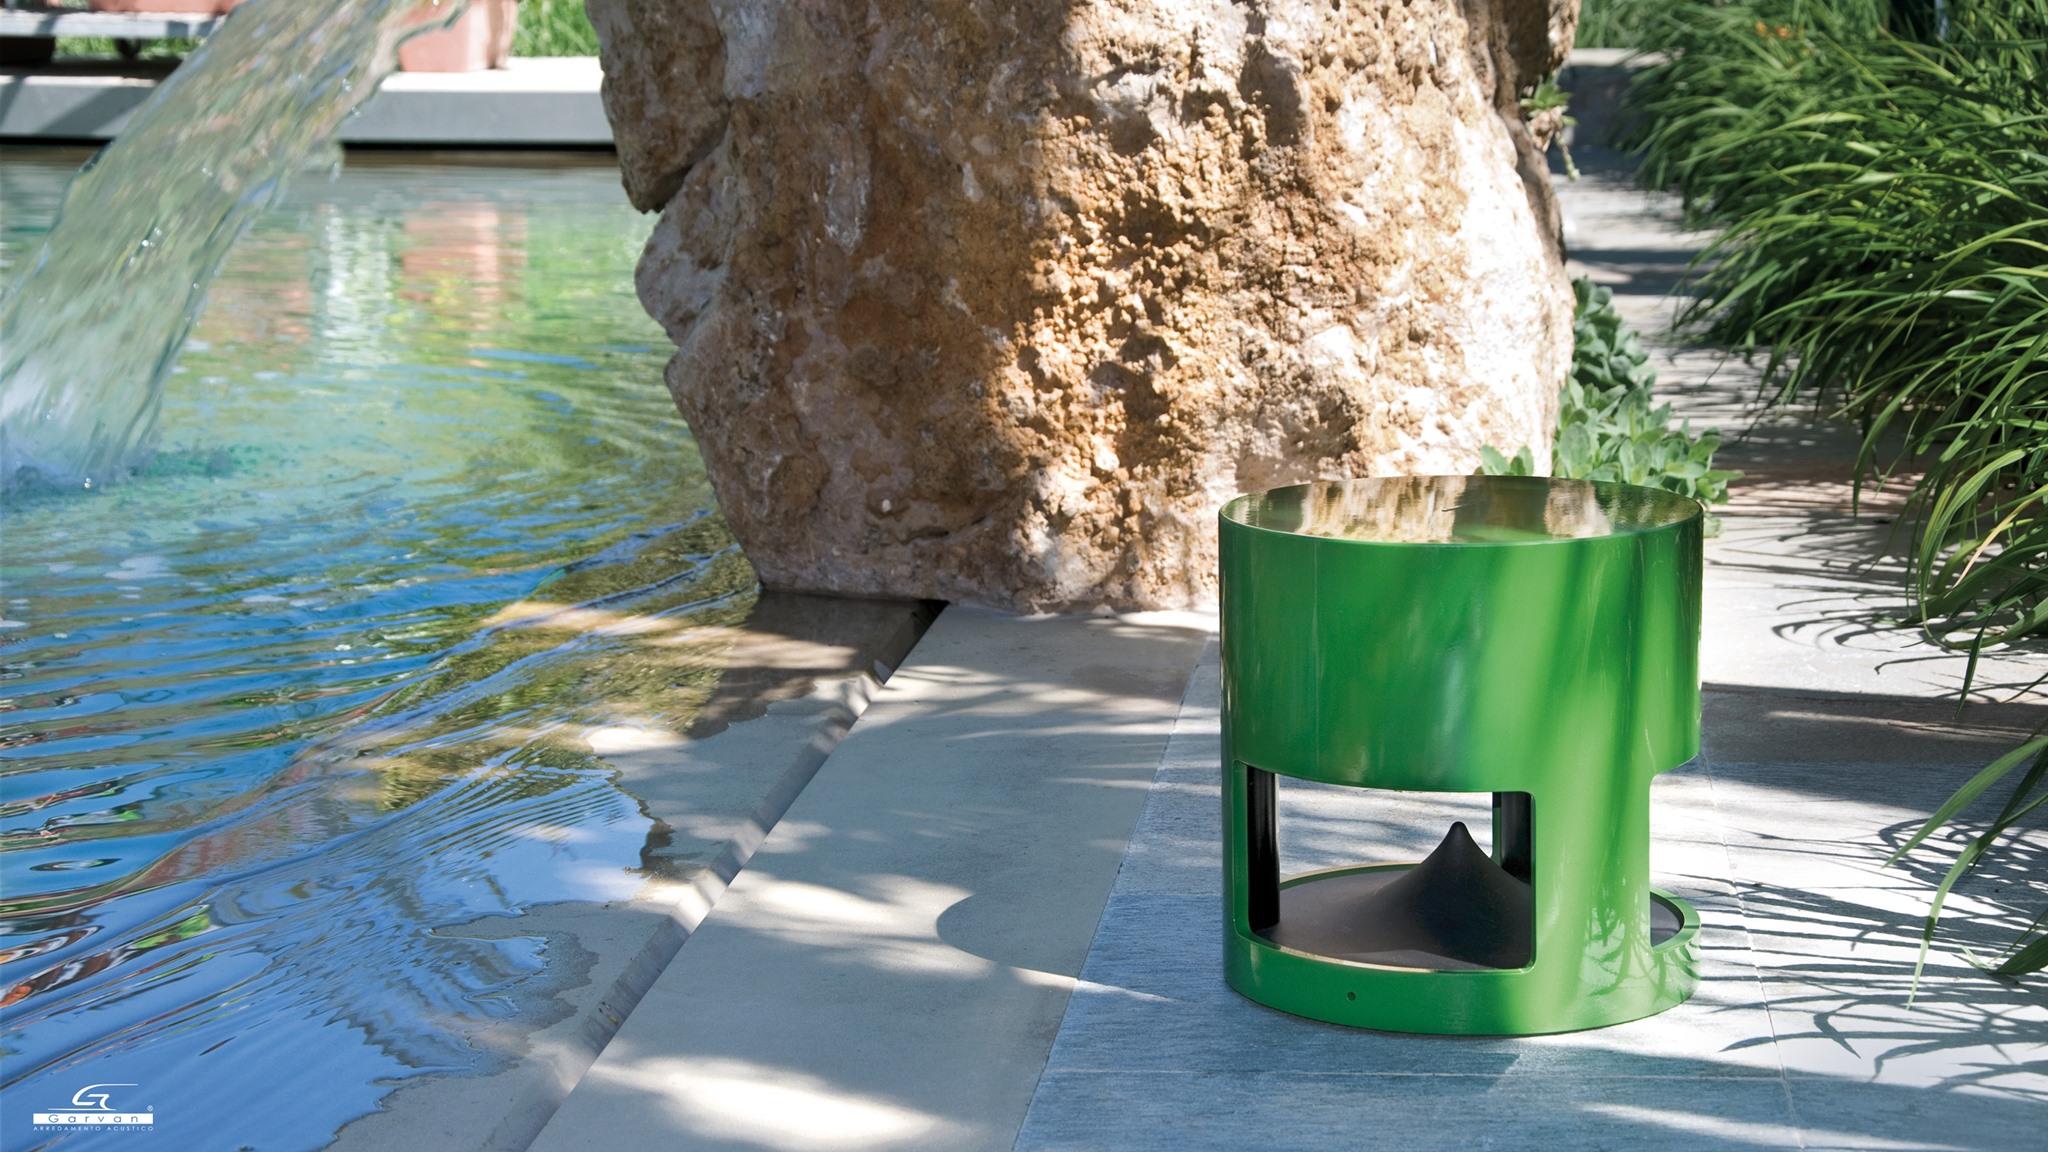 Garvan SN115 outdoor speakers